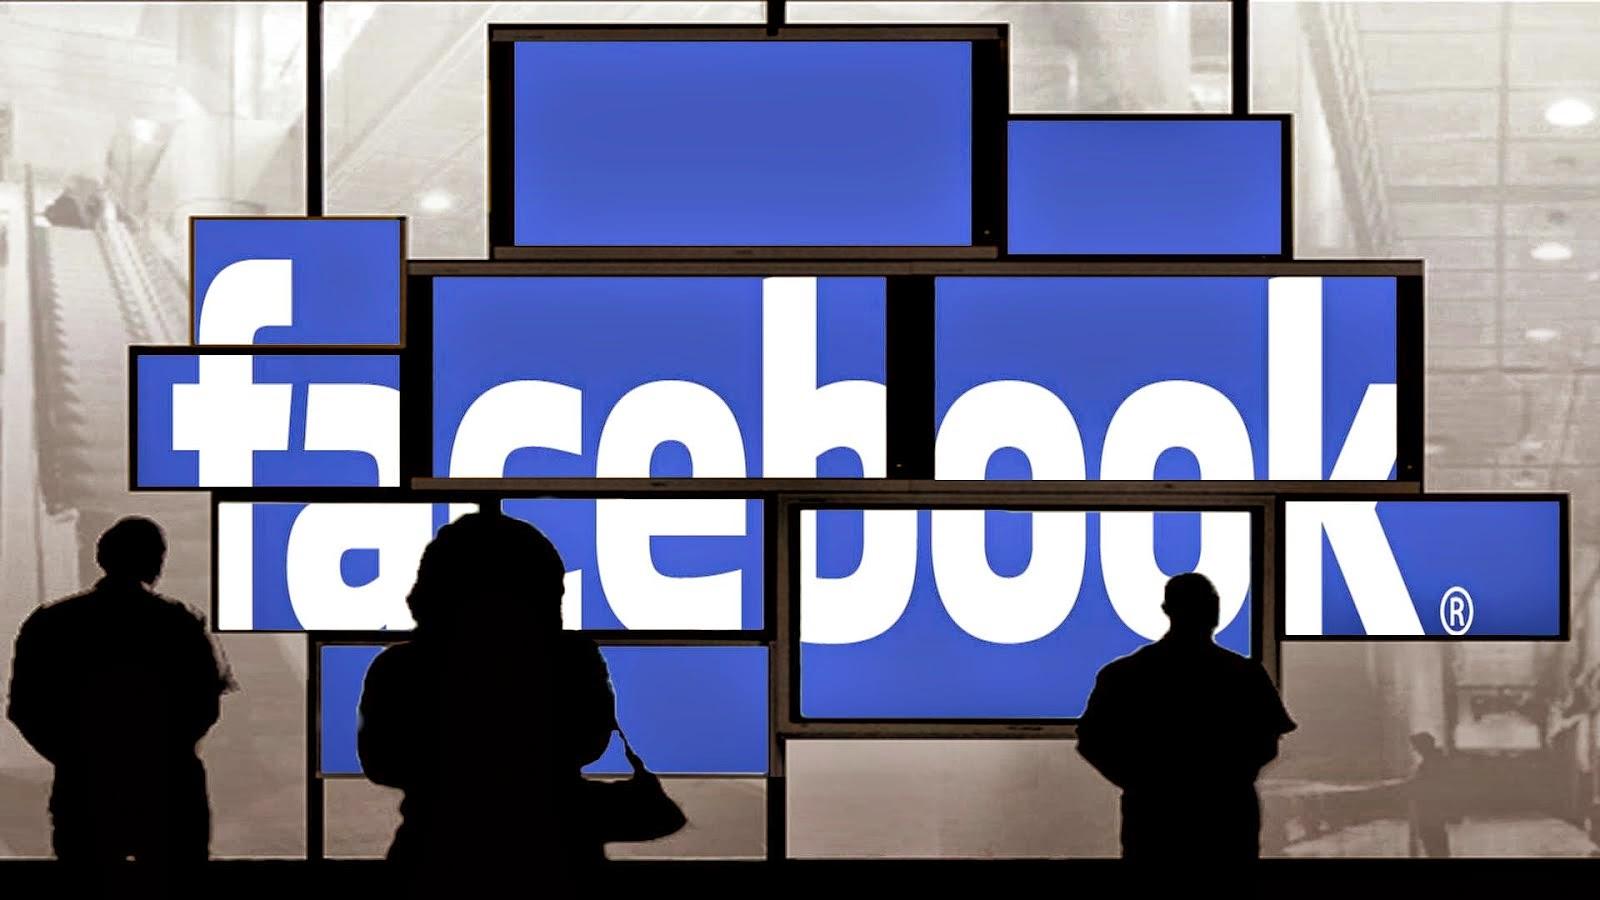 http://hamarharun.blogspot.com/2014/09/jasa-iklan-facebook-fanspageid.html